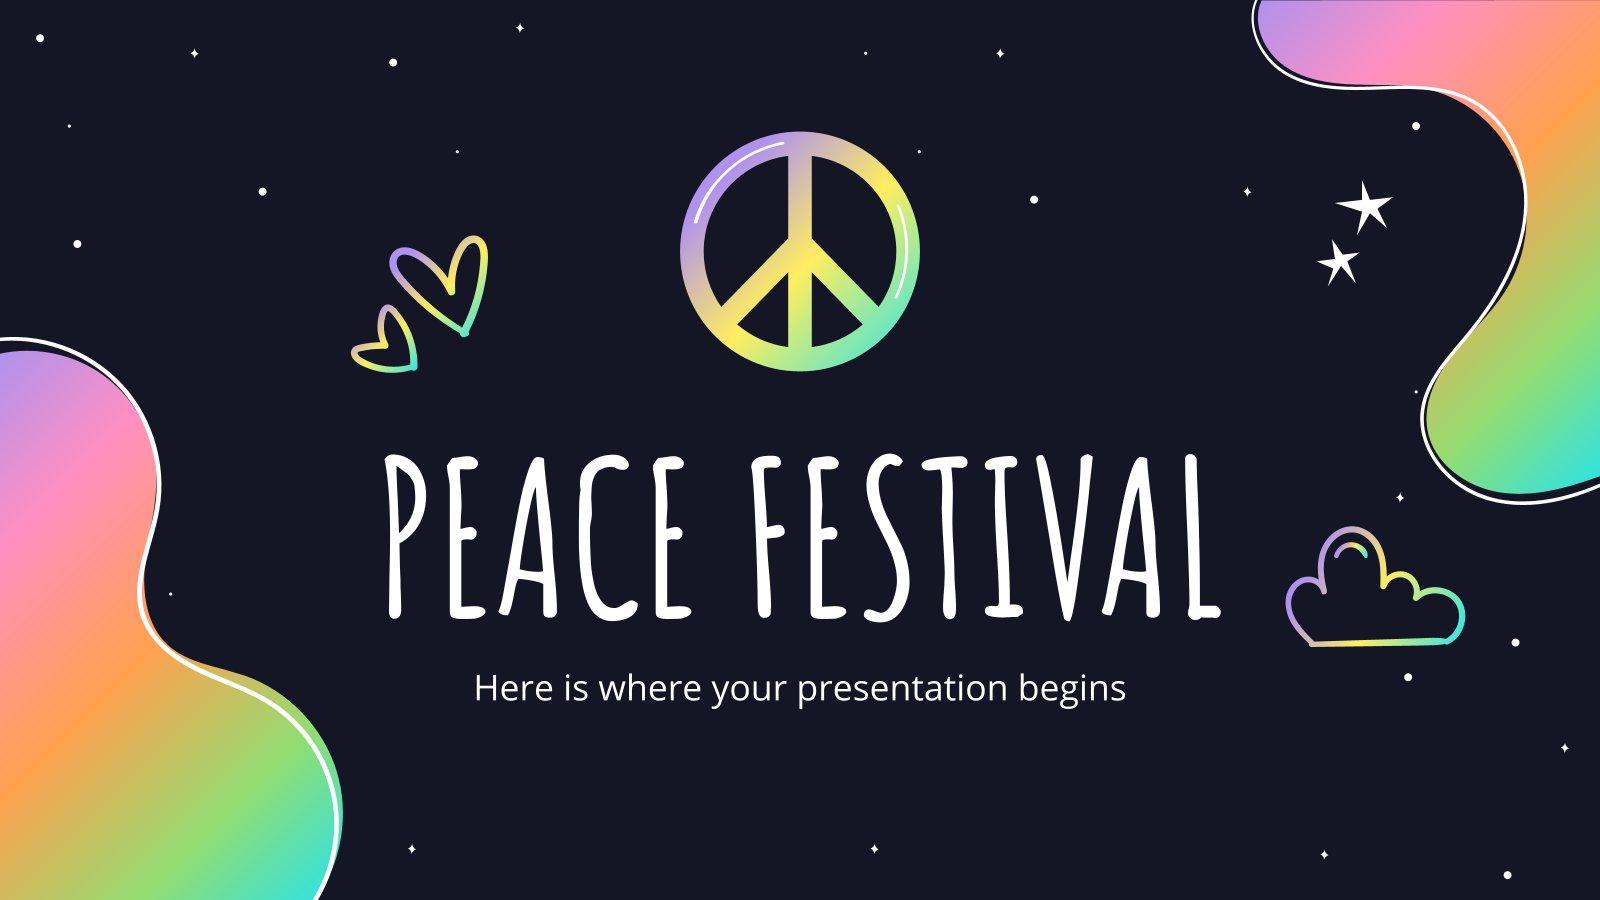 Modelo de apresentação Festival da Paz